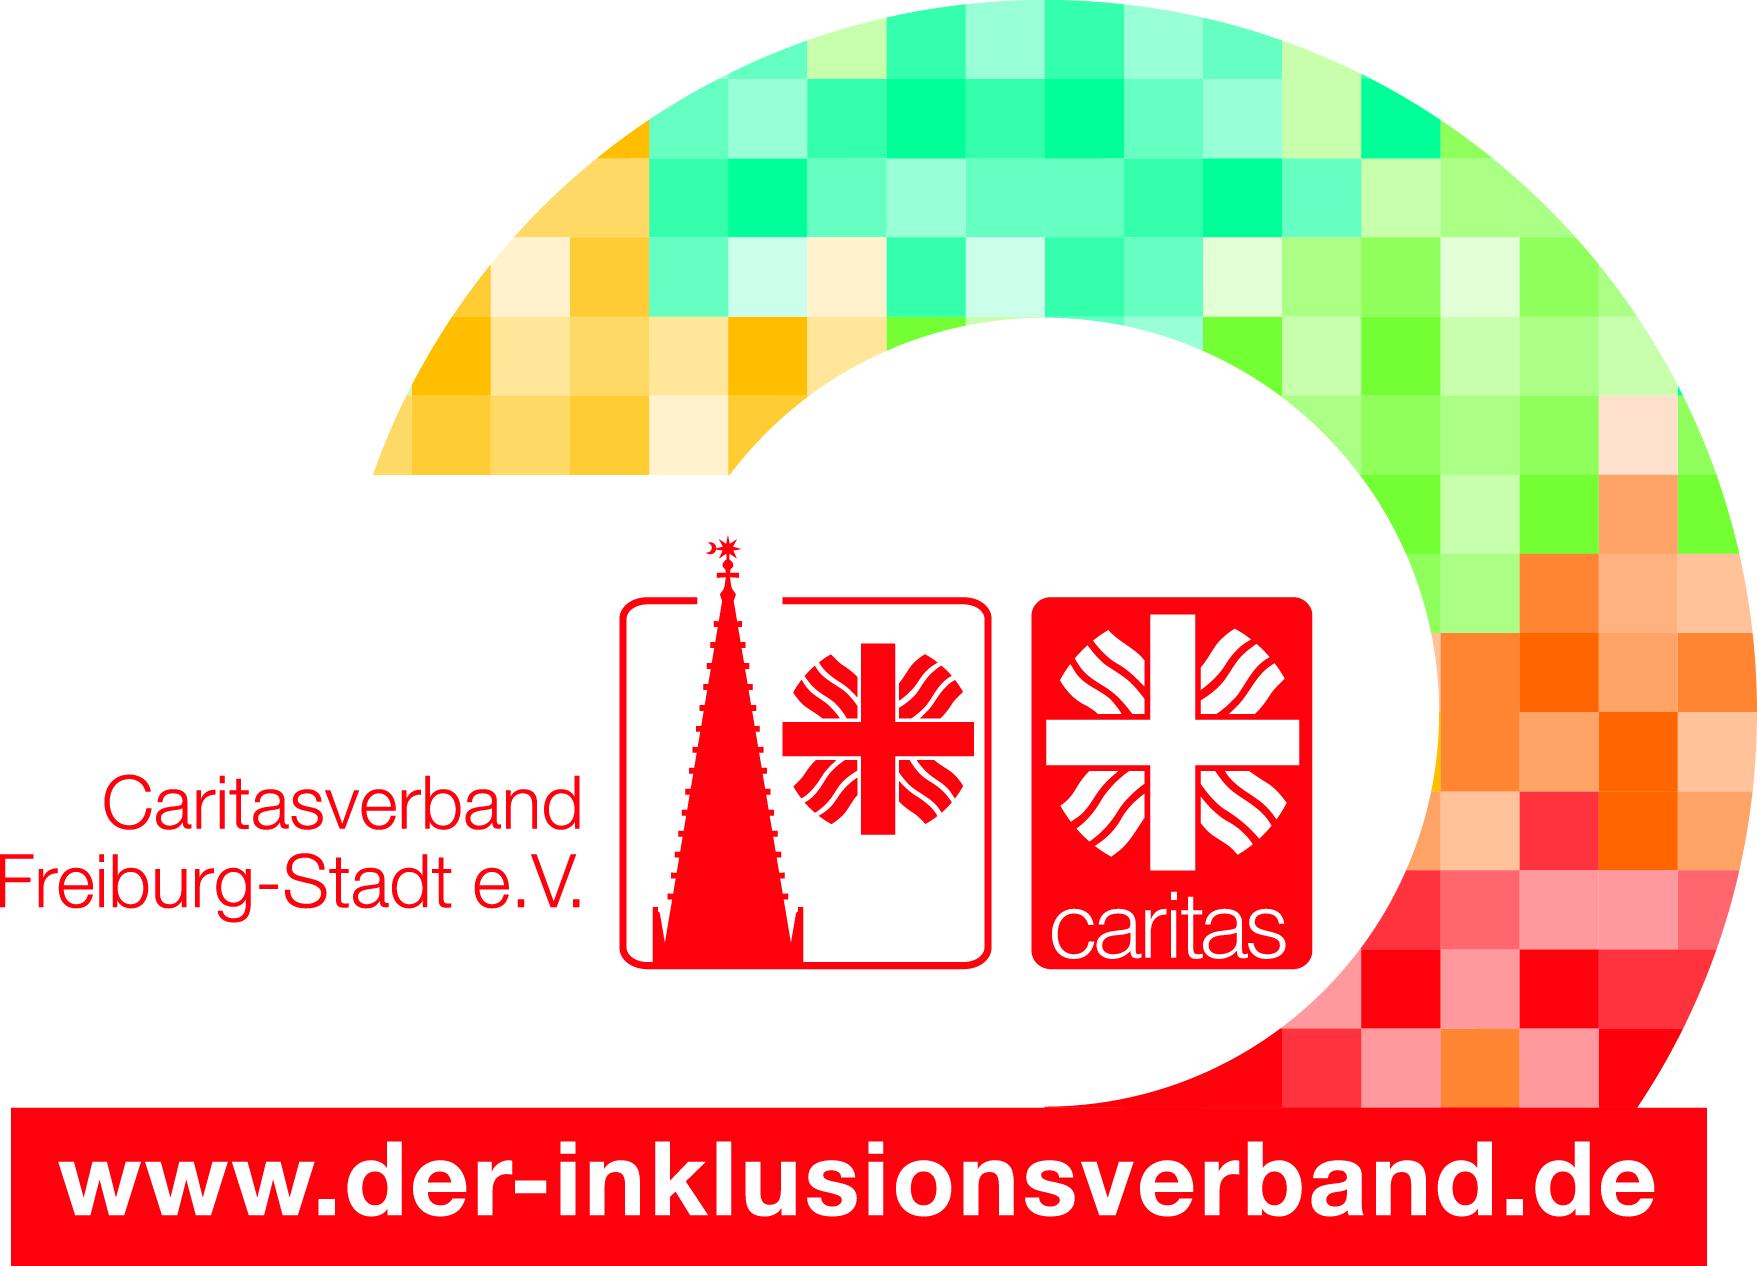 Caritasverband Freiburg-Stadt e.V.